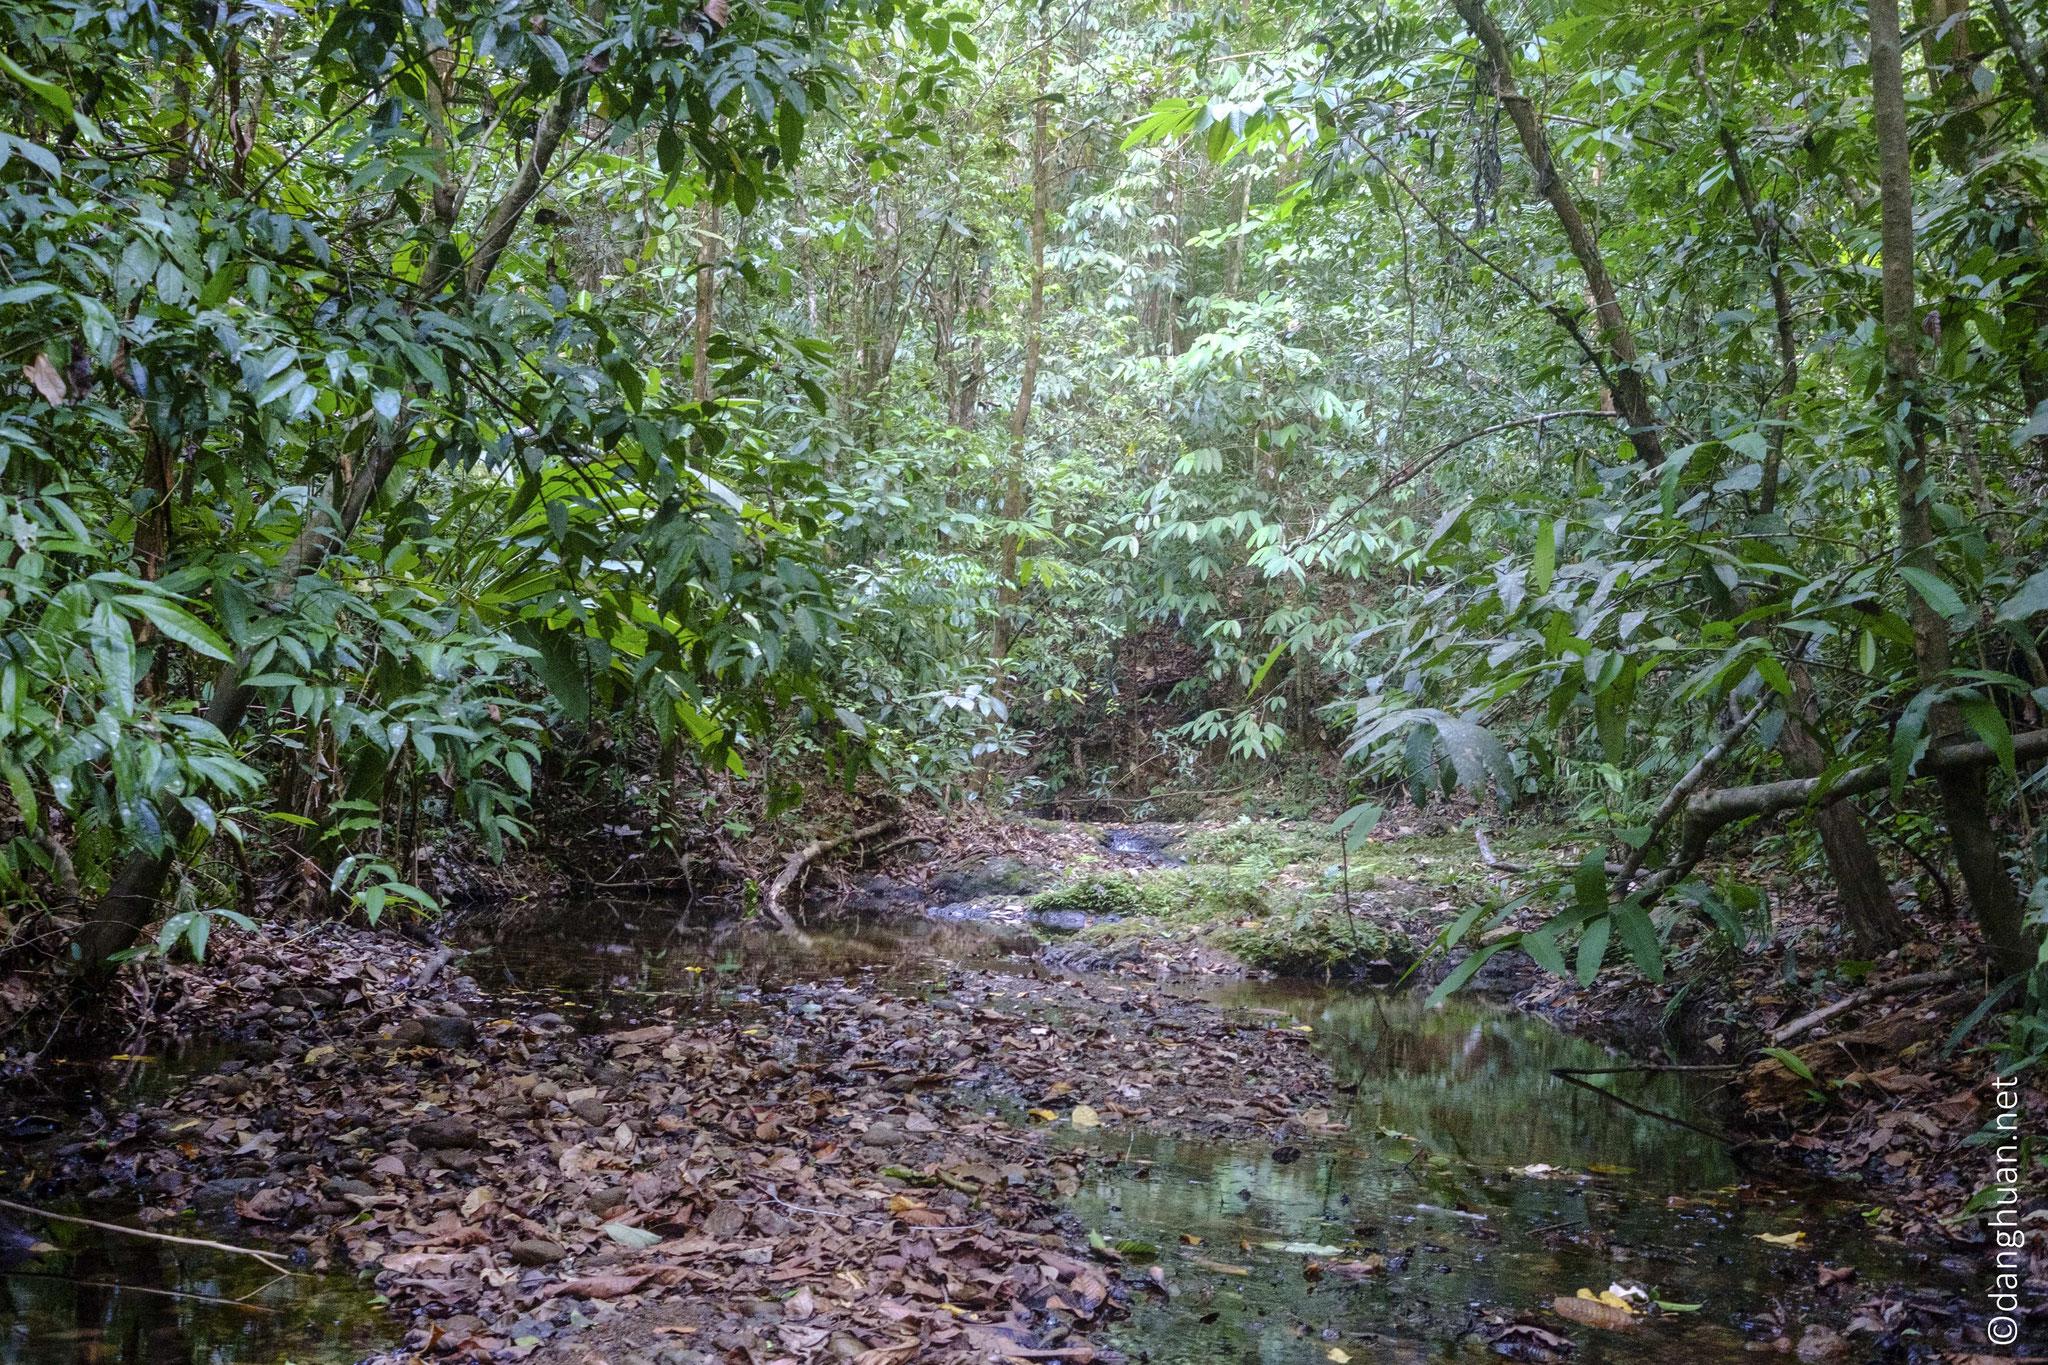 Considéré comme le joyau des réserves tropicales humides de Costa Rica